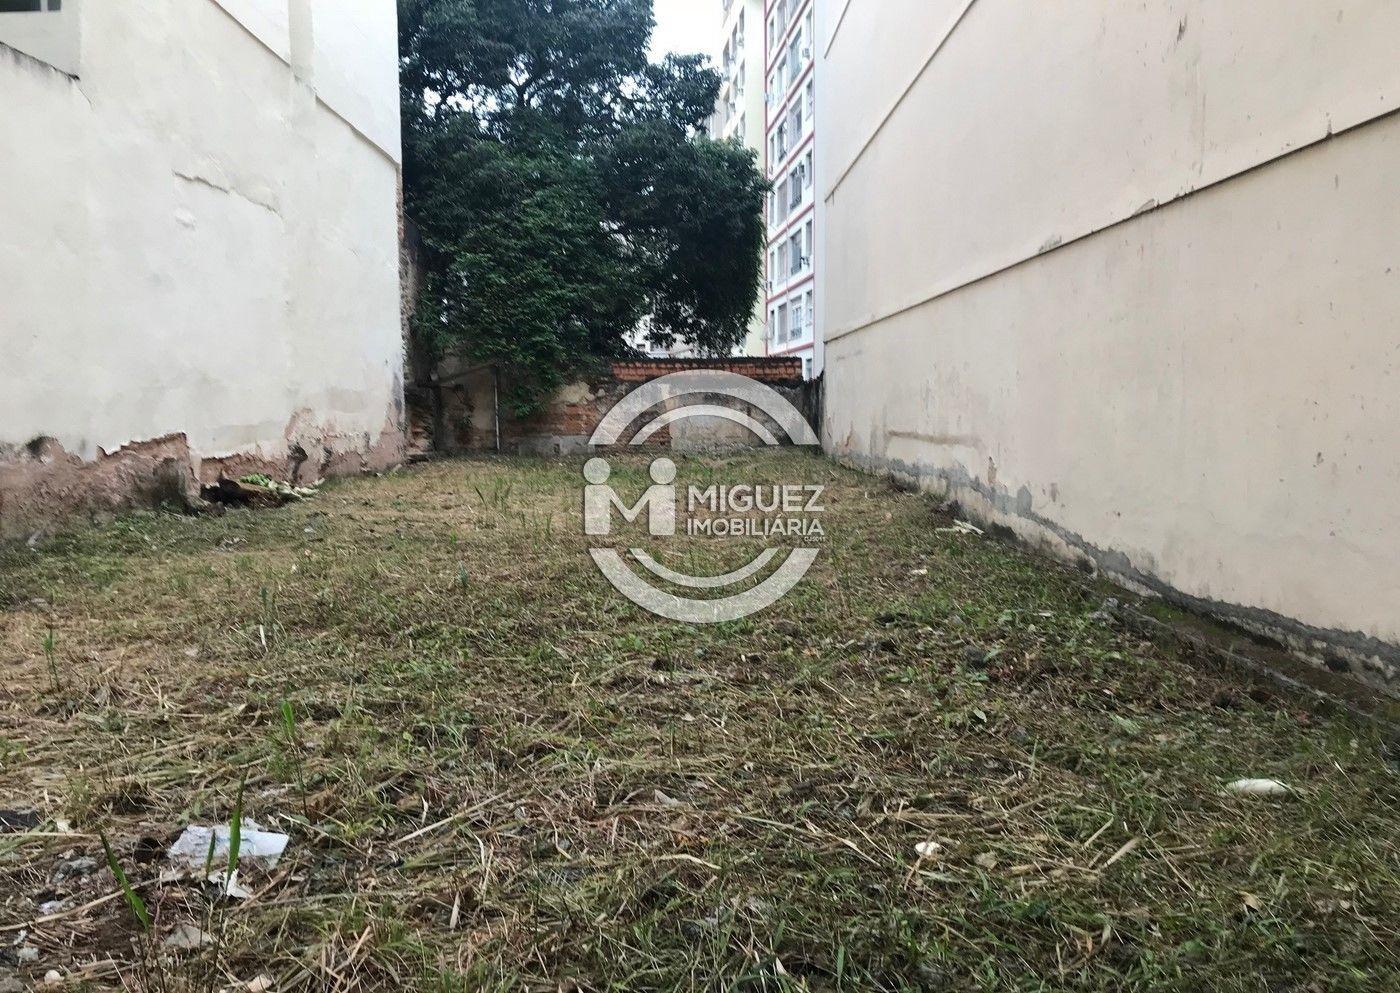 Terreno, venda, Rua José Higino - Tijuca , Rio de janeiro